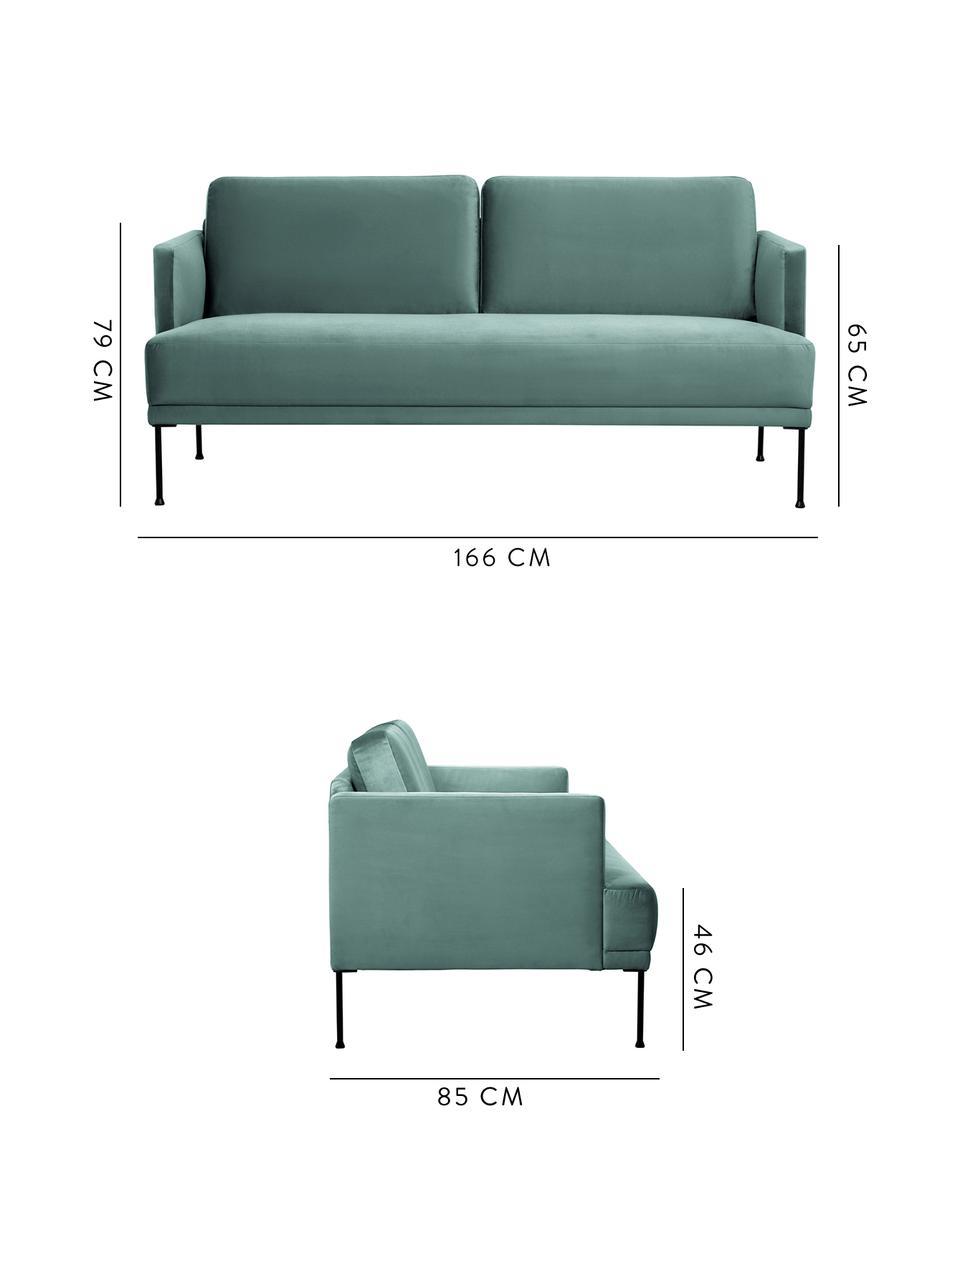 Samt-Sofa Fluente (2-Sitzer) in Hellgrün mit Metall-Füßen, Bezug: Samt (Hochwertiger Polyes, Gestell: Massives Kiefernholz, Füße: Metall, pulverbeschichtet, Samt Hellgrün, B 166 x T 85 cm